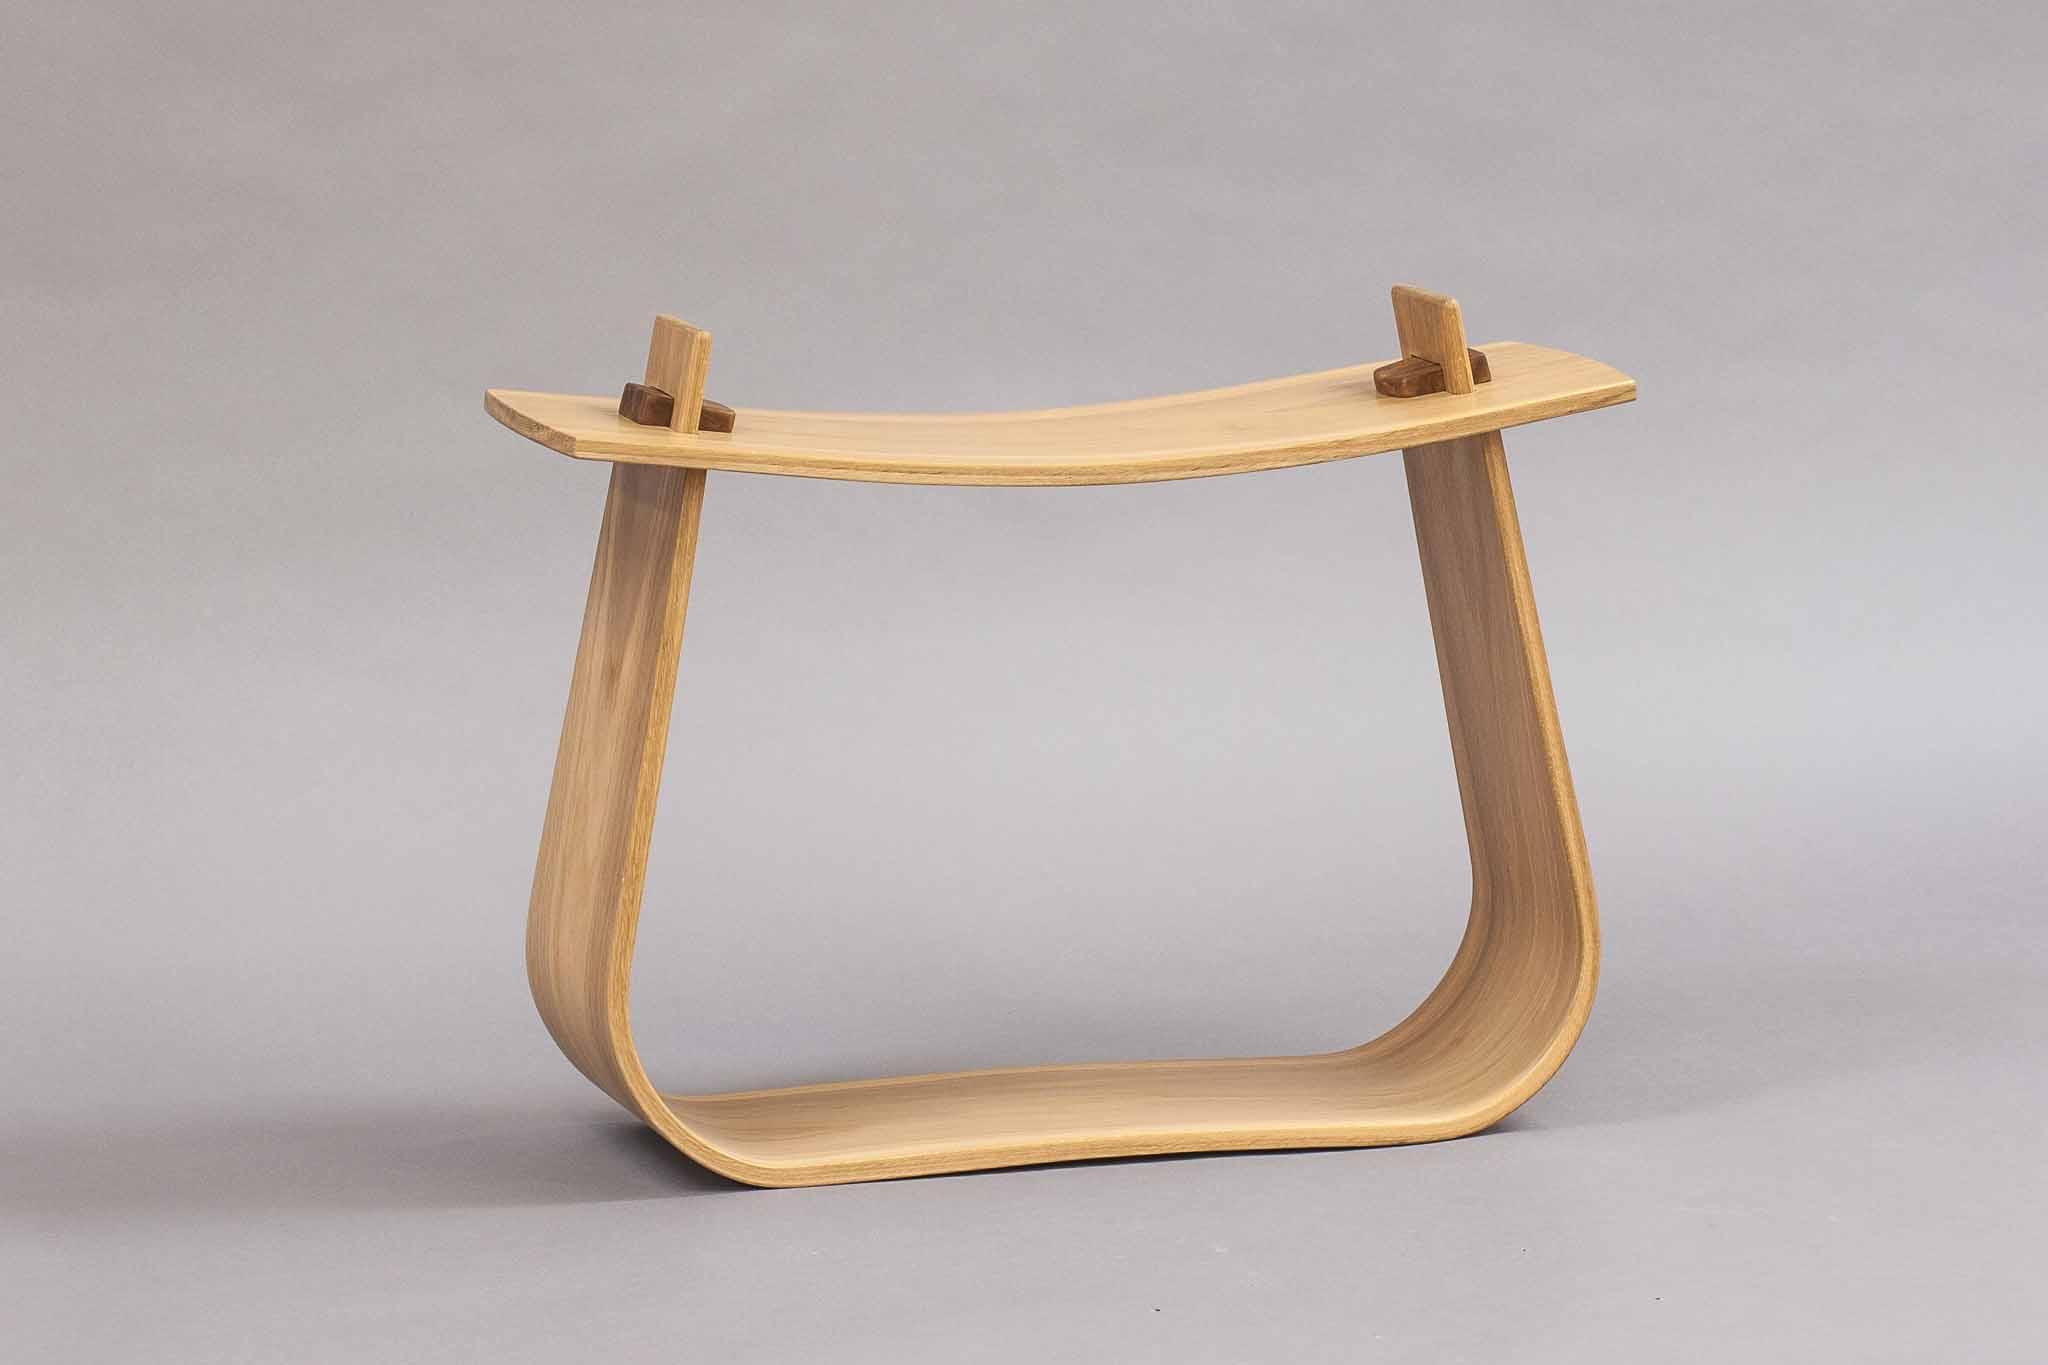 lam stool